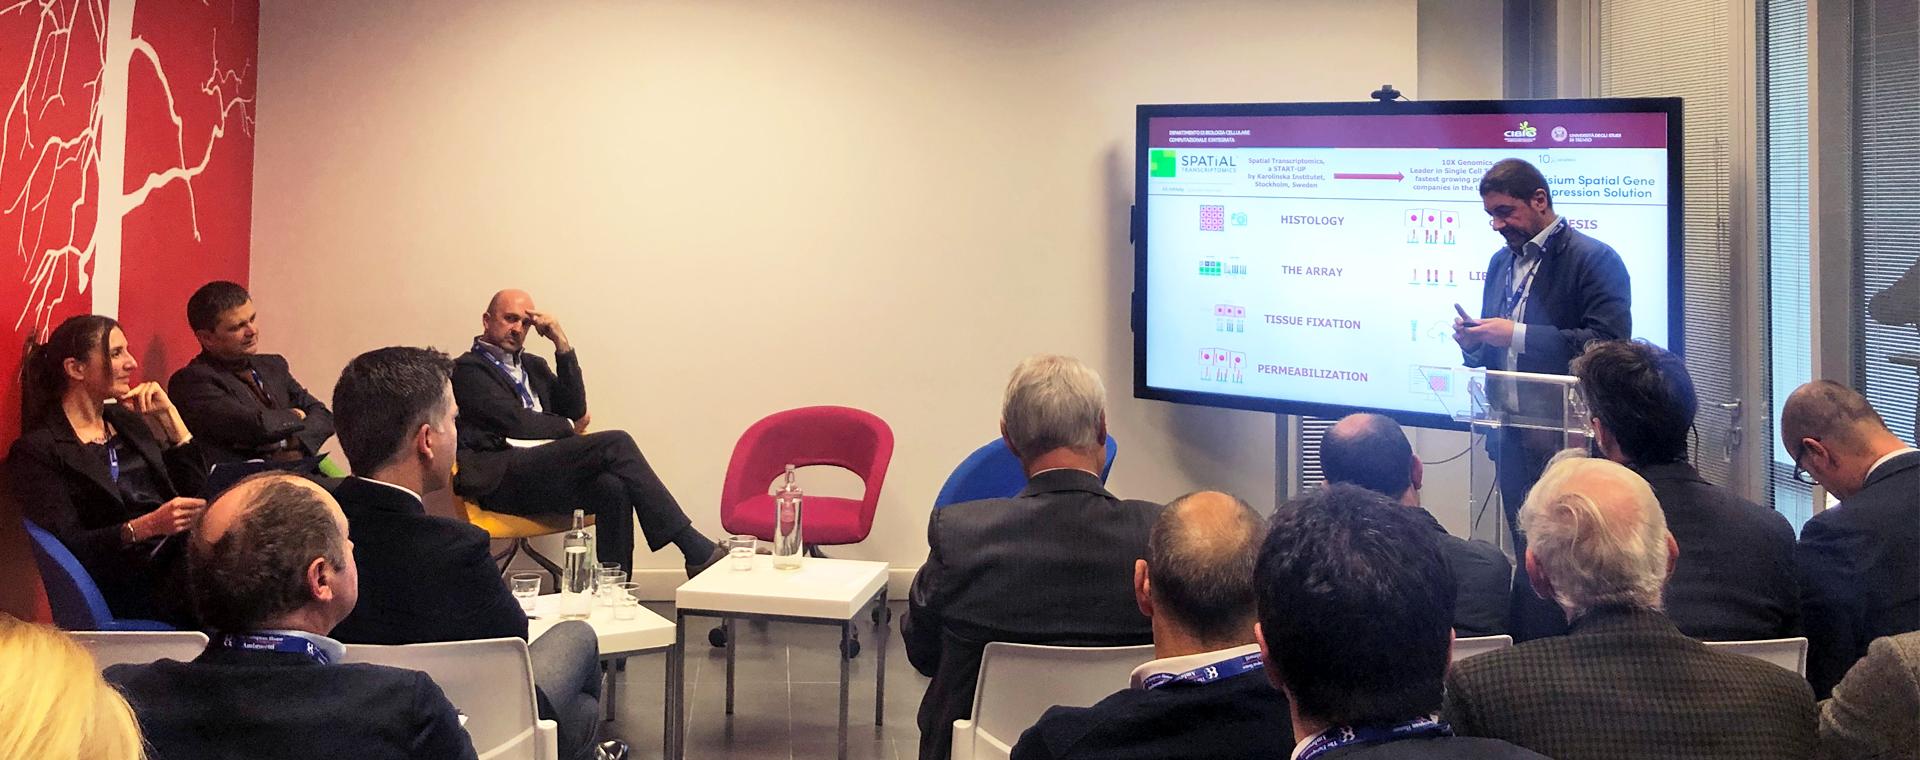 La piattaforma italiana di genomica ed epigenomica, stimolo per la crescita industriale